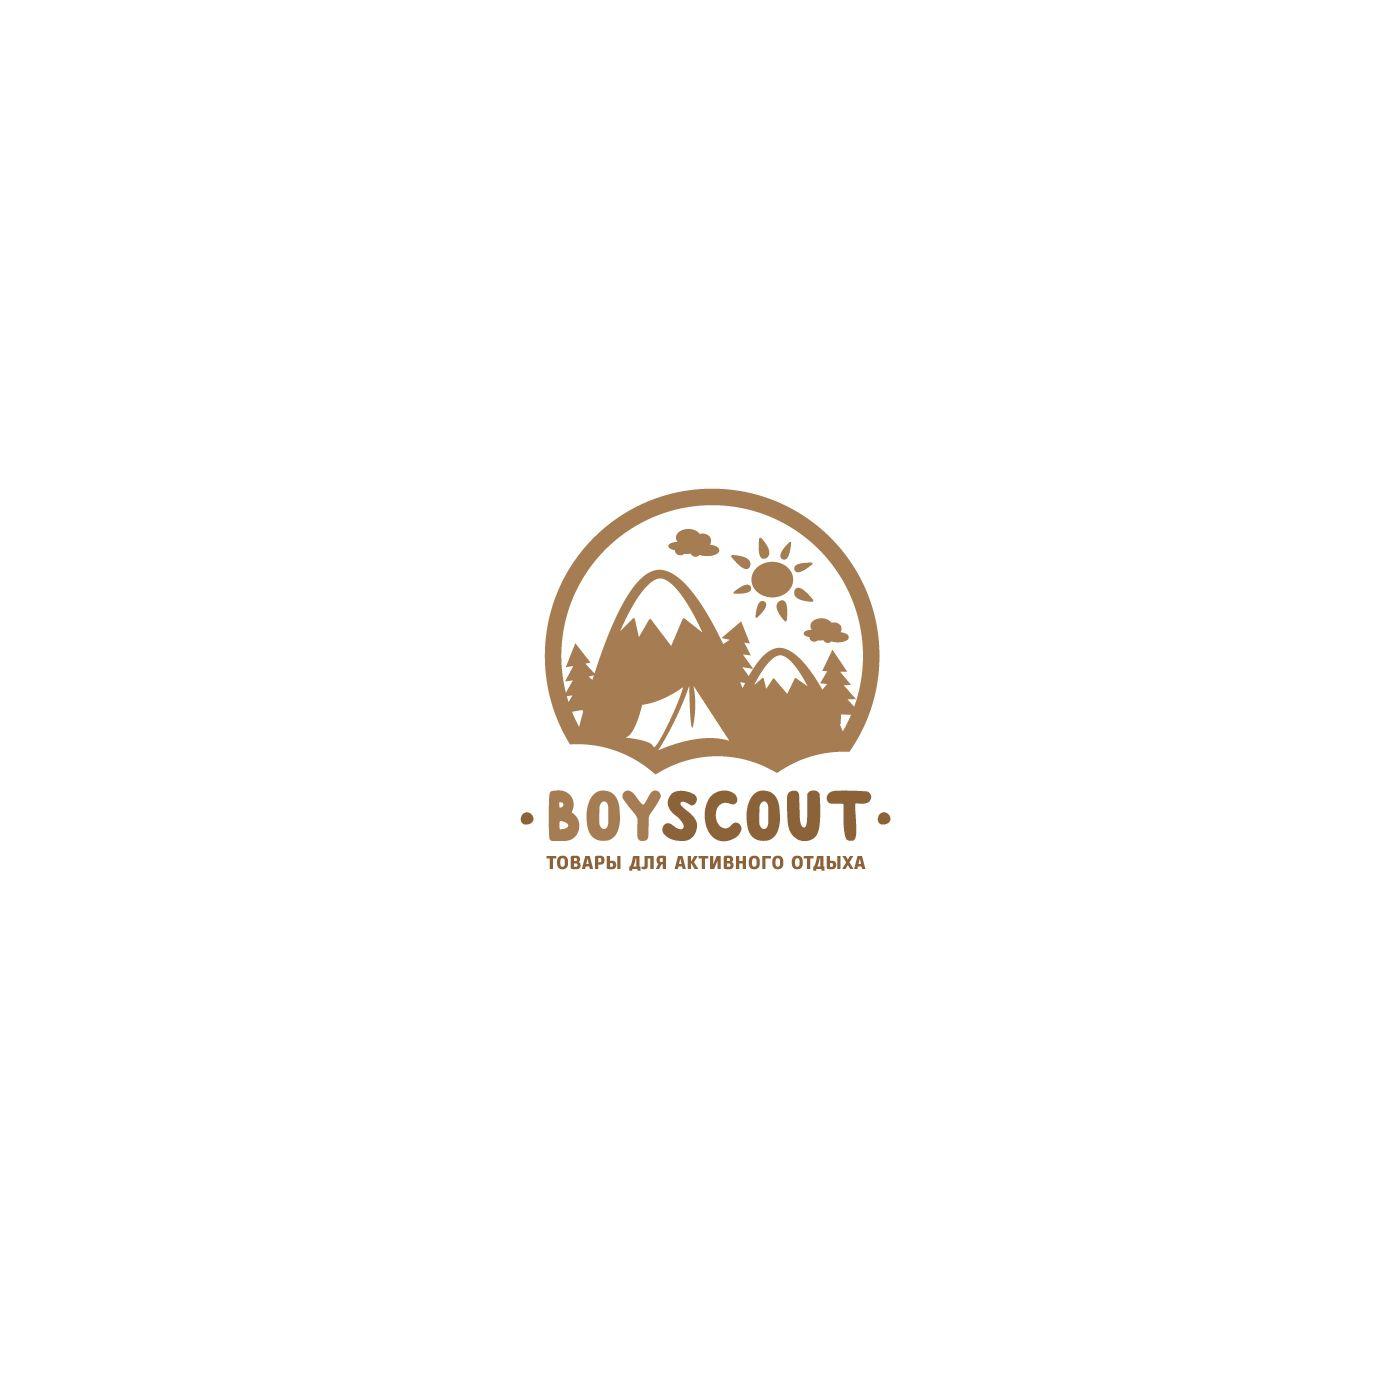 Логотип для сайта интернет-магазина BOY SCOUT - дизайнер benks